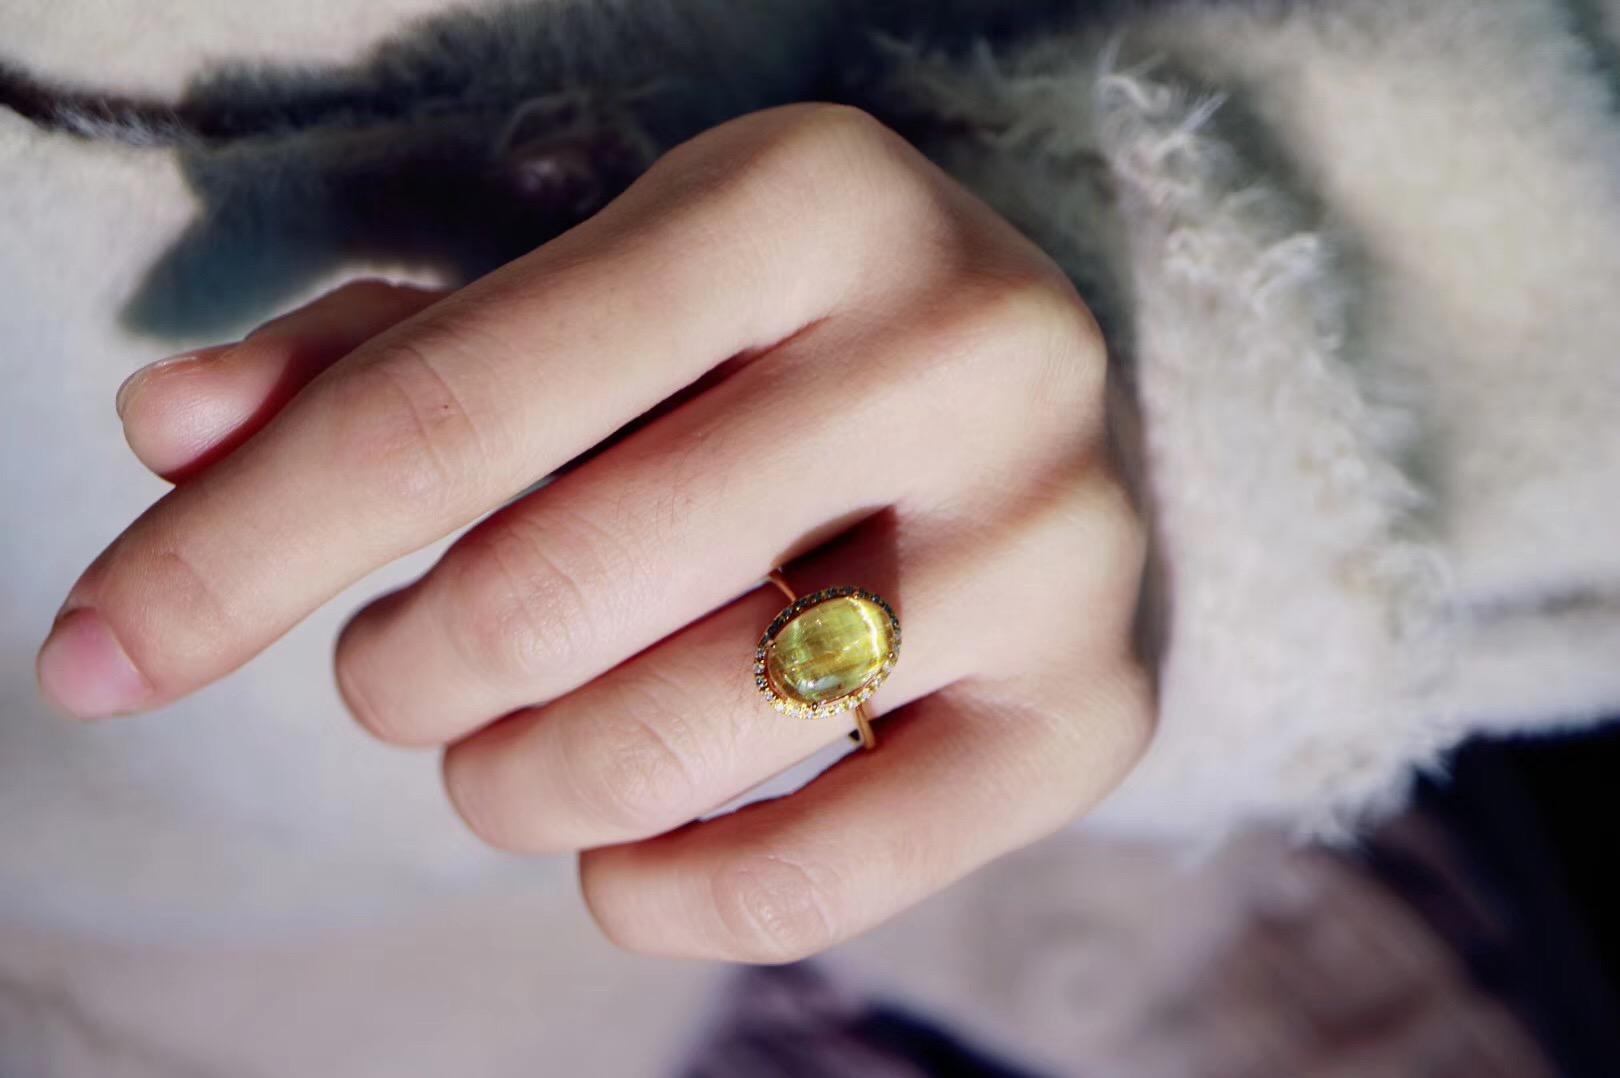 【菩心钛晶💍 | 18k & 💎】这一枚钛晶,犹如太阳般温暖有力量-菩心晶舍